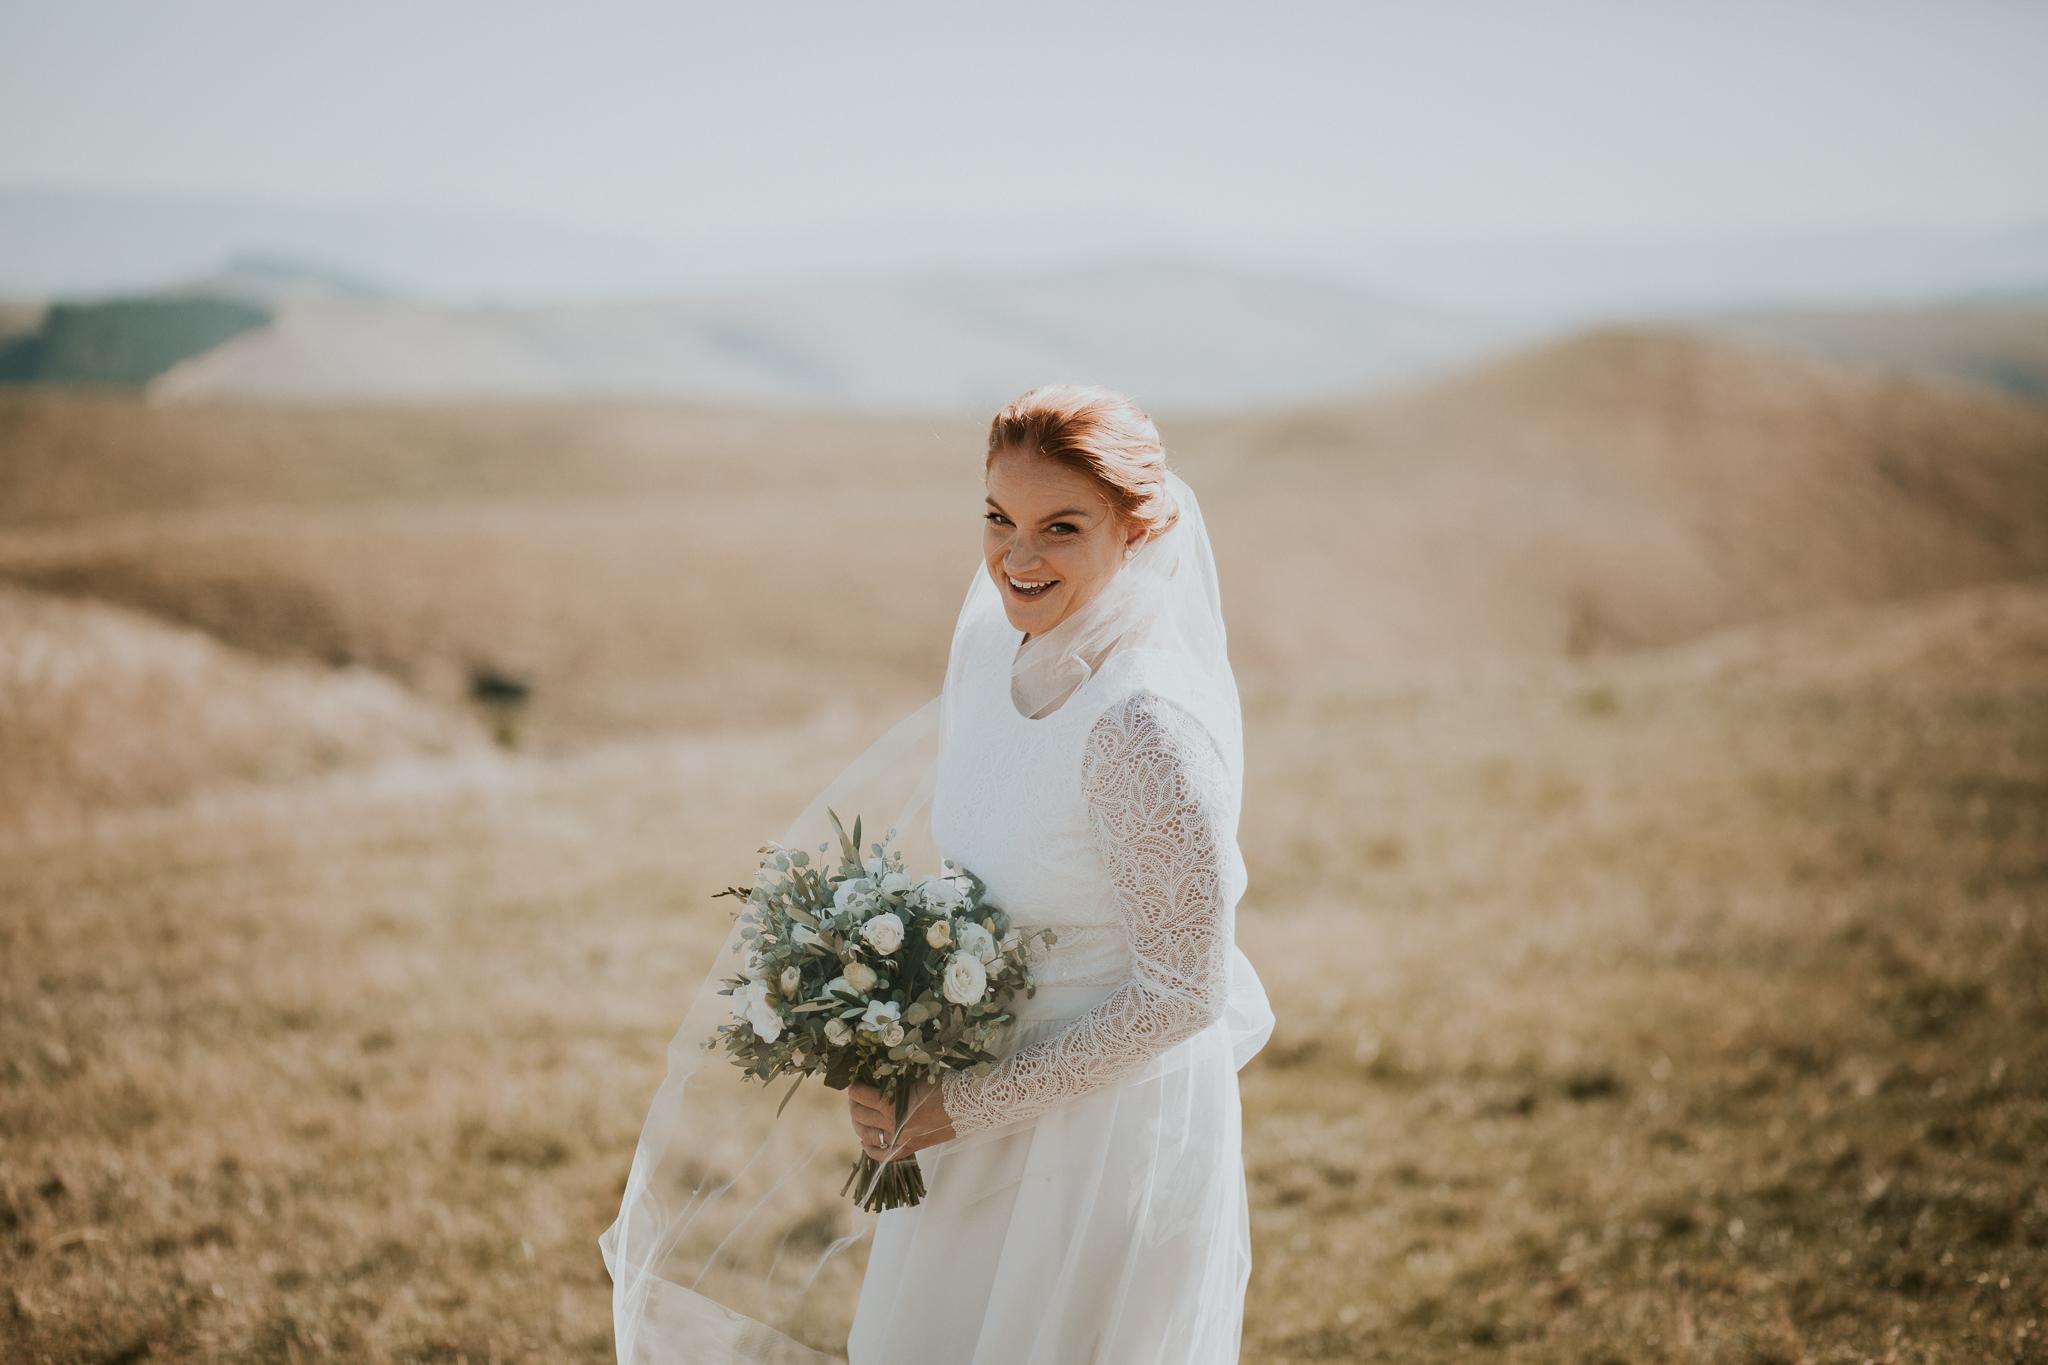 wedding photographer hawkes bay , Lisa Fisher Photography, Selini Winery Wedding -73.jpg